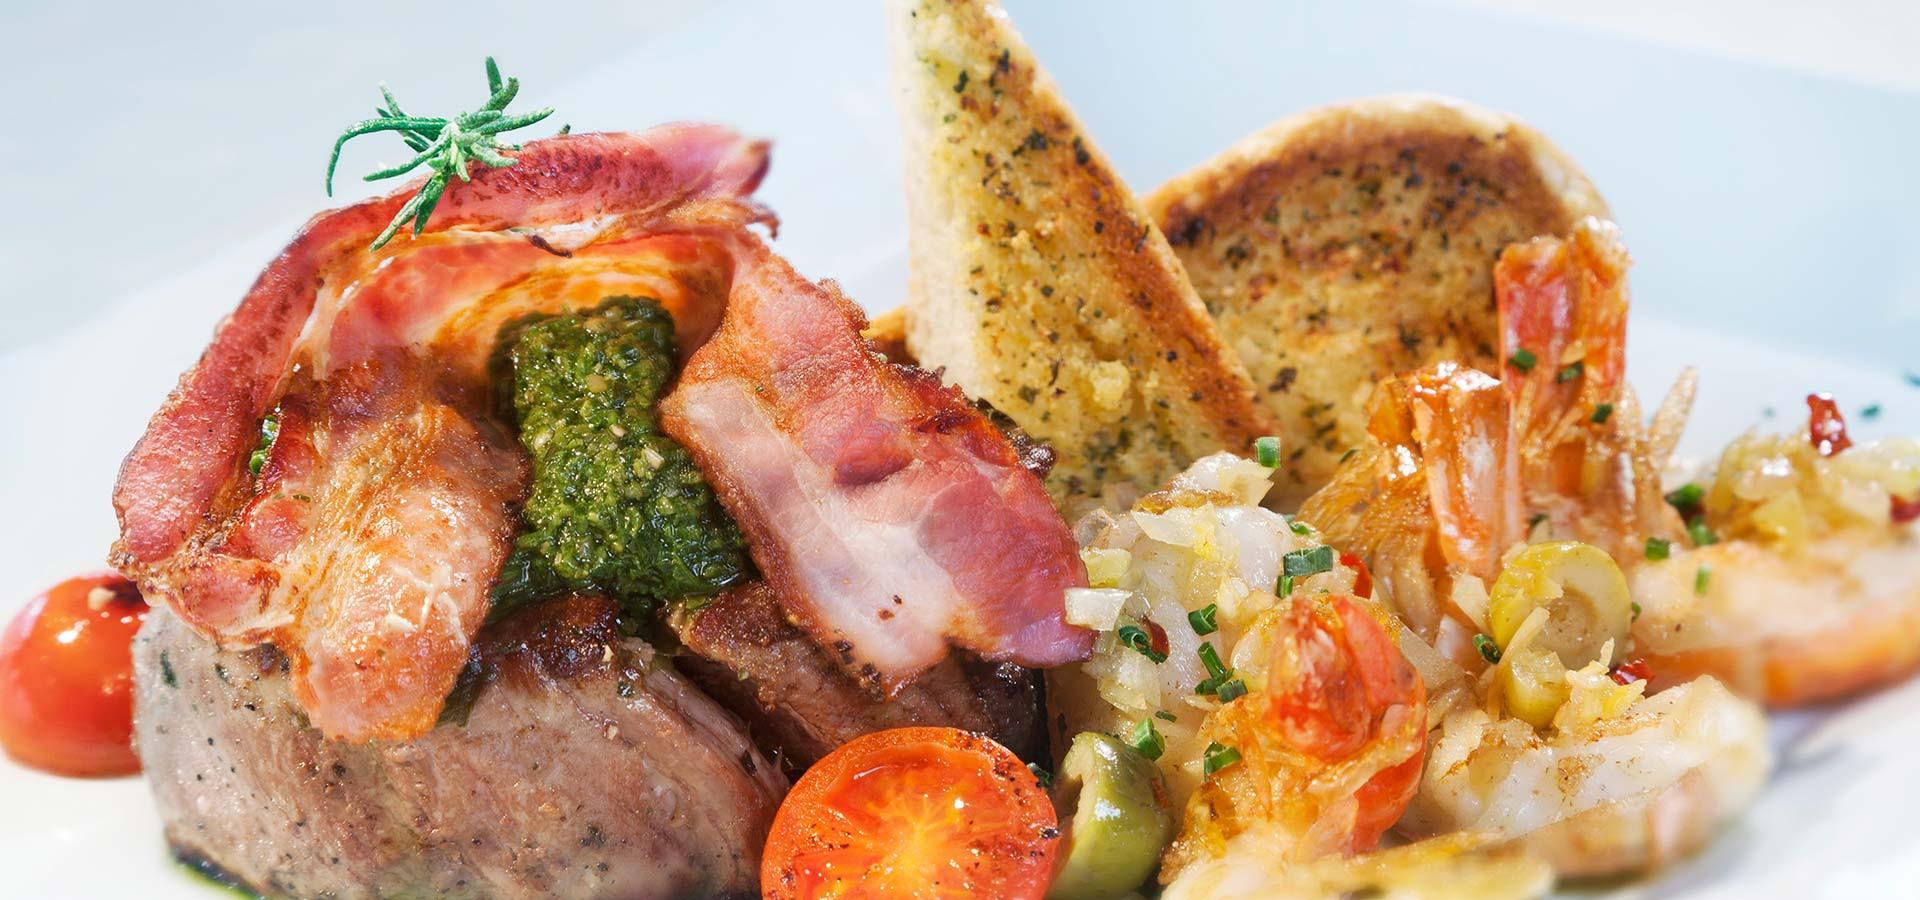 Variationsreiche Speisekarte  aus der gehobenen Küche